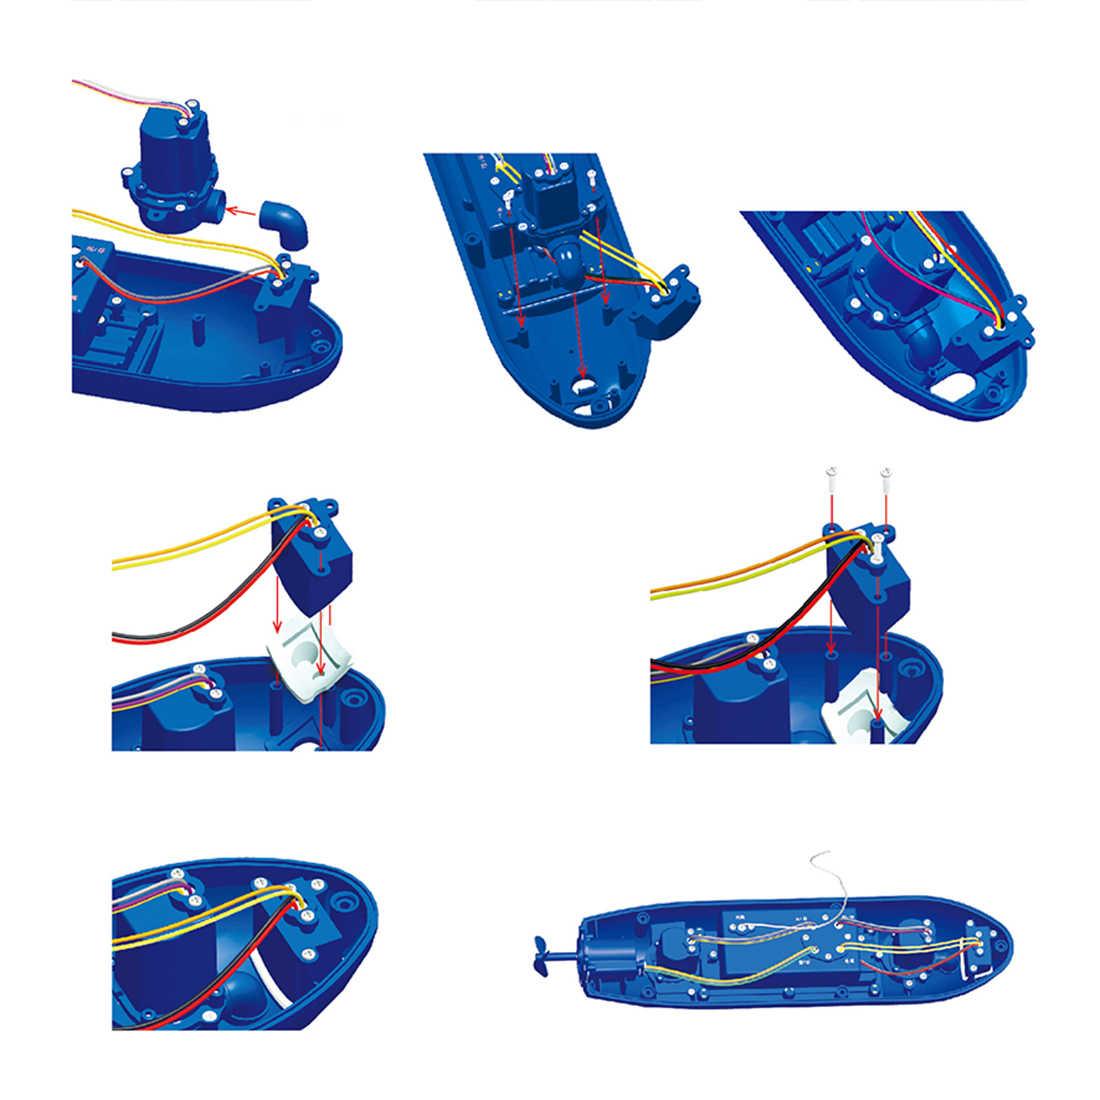 Divertido Mini submarino 6 canales Control remoto bajo el agua barco RC modelo de barco de juguete educativo para niños regalo para niños